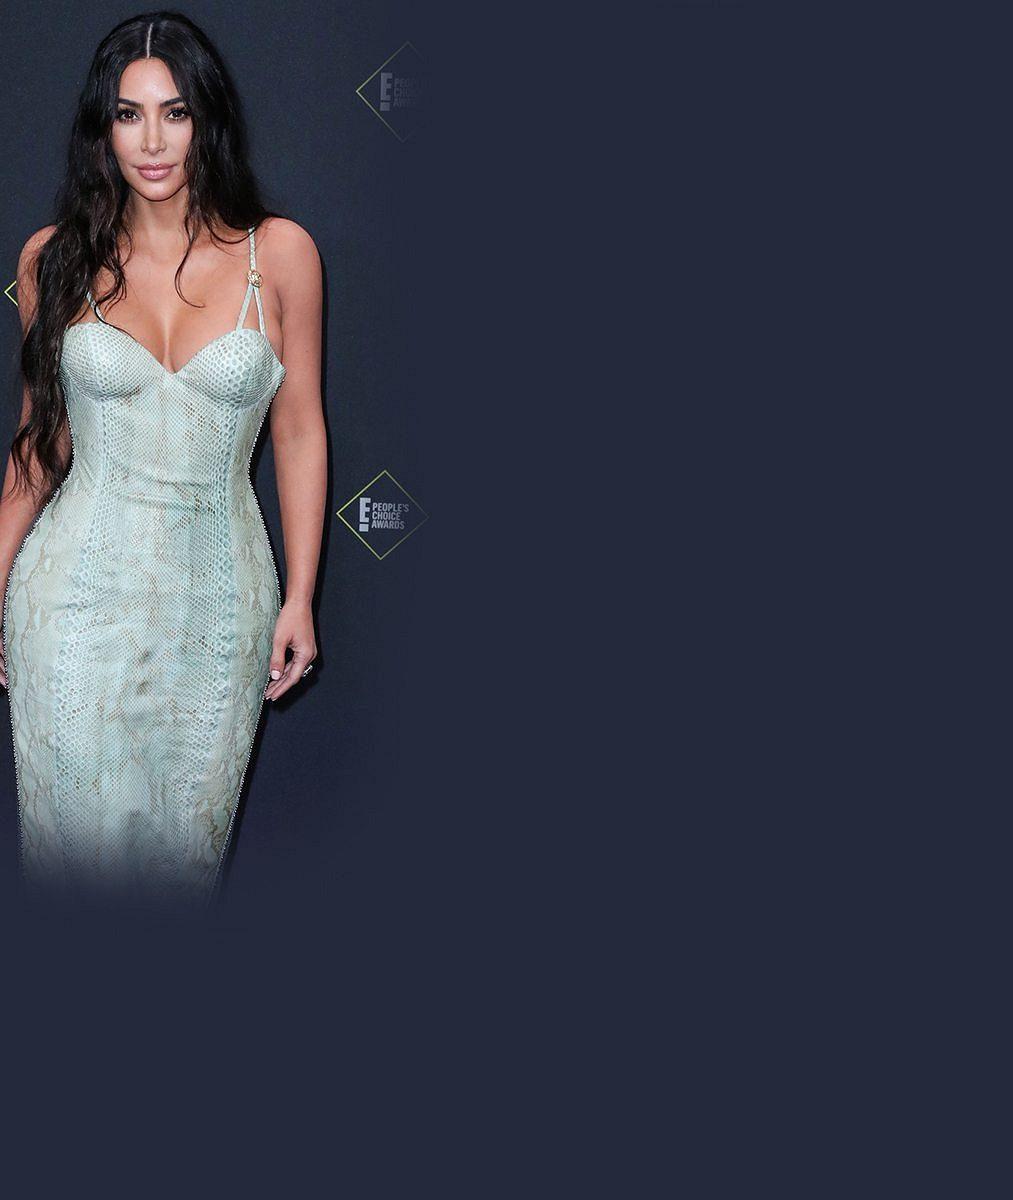 Kim Kardashian promluvila odiagnóze, která ji málem stála život: Odhalila děsivé detaily, onichž svět neměl ponětí